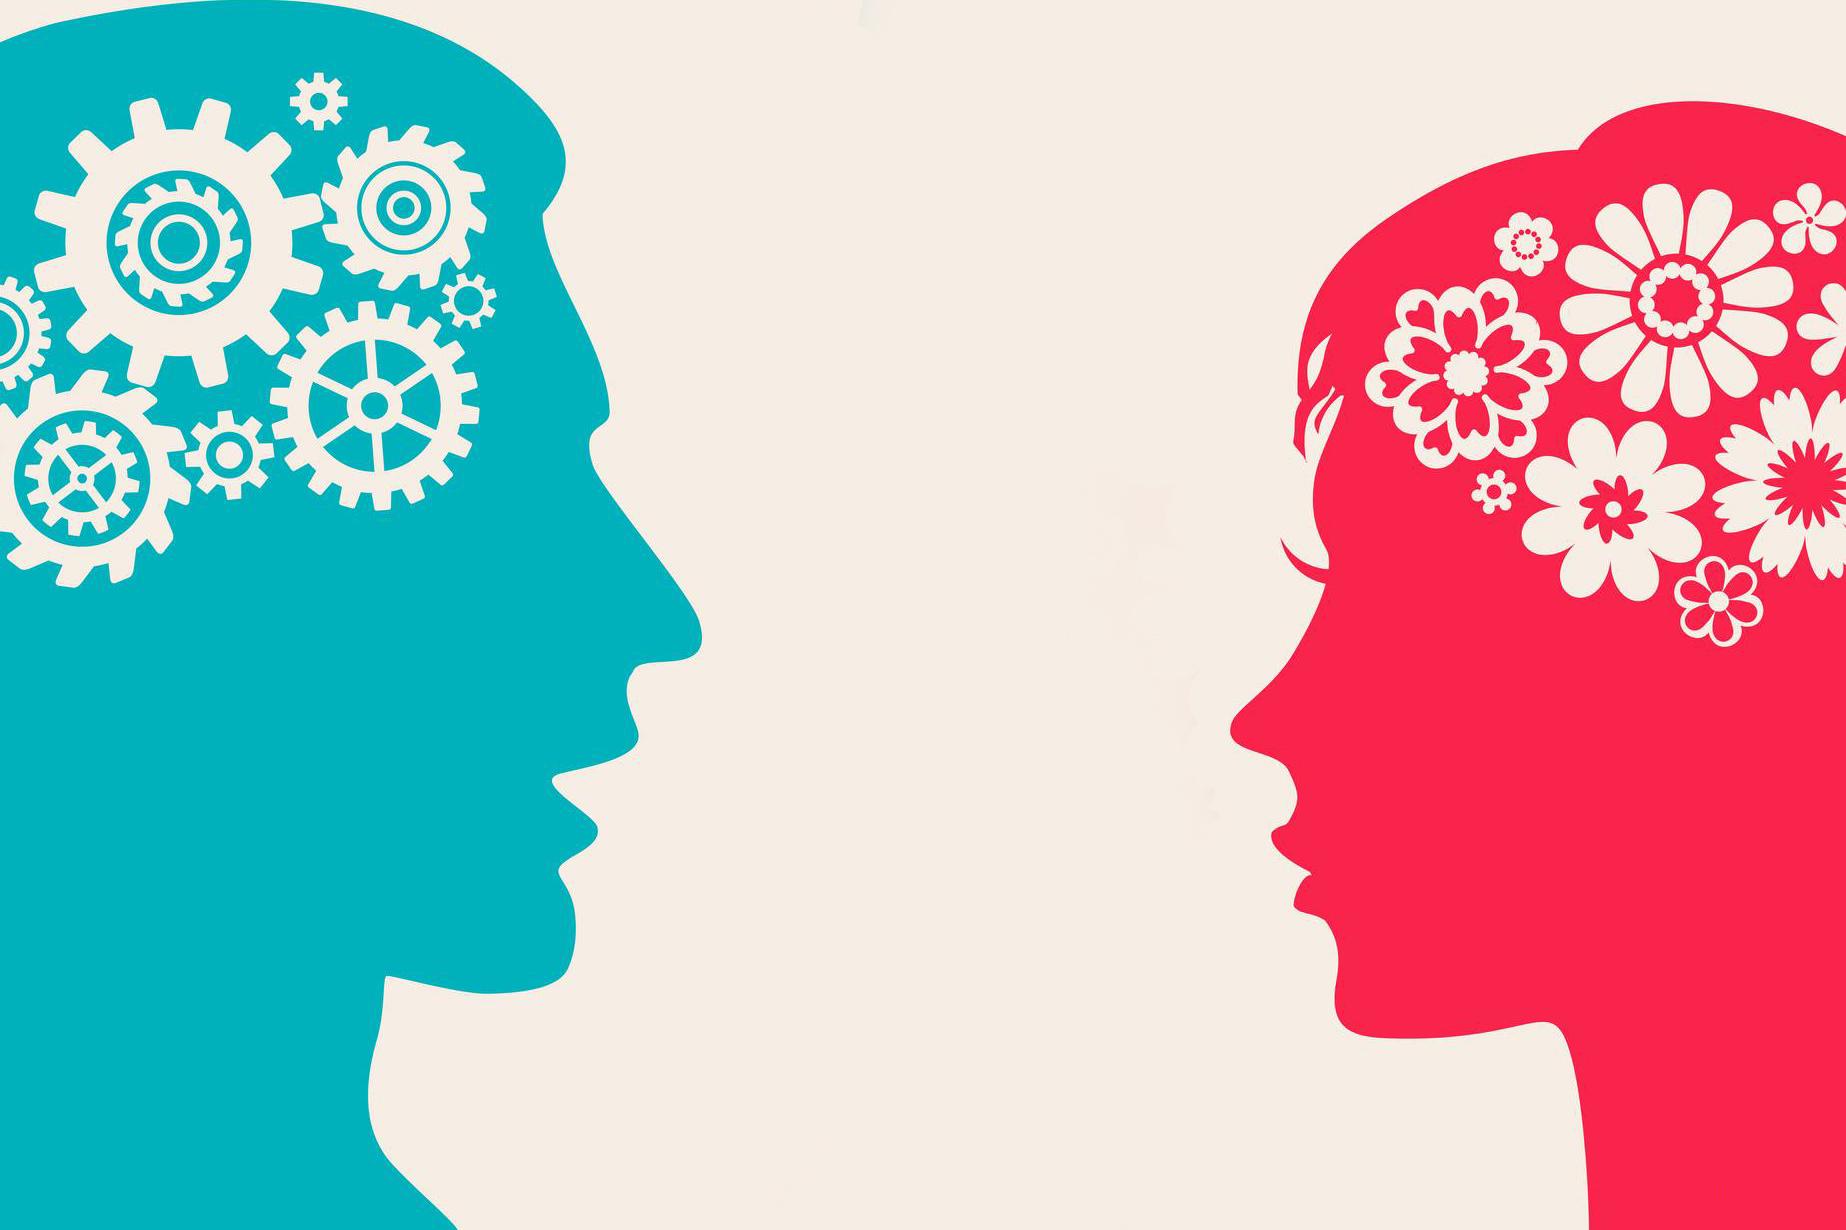 しぐさで分かる?男女別に見る、好きな人への本当の気持ち!のサムネイル画像